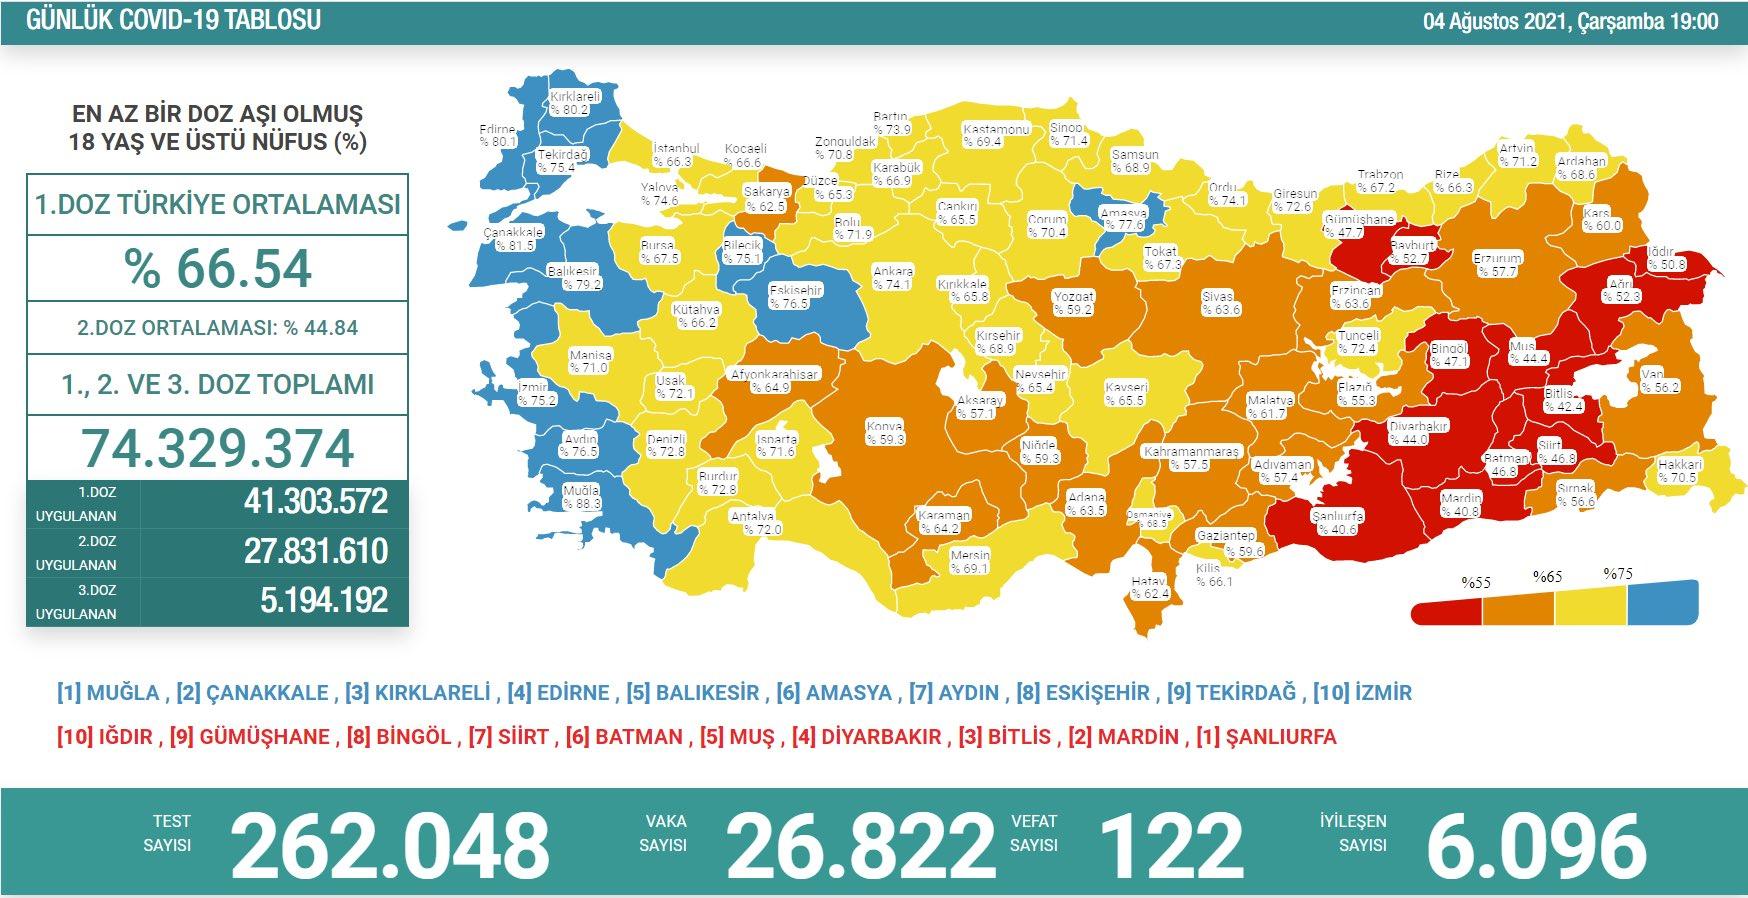 5 Ağustos 2021 Perşembe Türkiye Günlük Koronavirüs Tablosu | Bugünkü korona tablosu | Vaka ve ölüm sayısı kaç oldu?